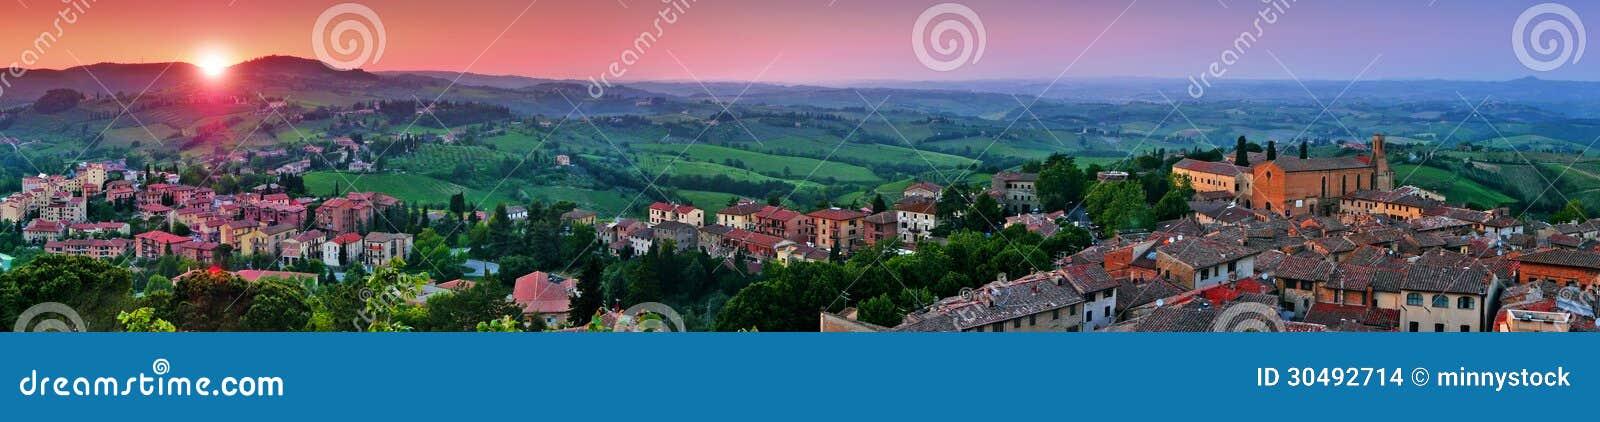 Vista panorámica del paisaje hermoso con la ciudad medieval de San Gimignano en la puesta del sol en Toscana, provincia de Siena,